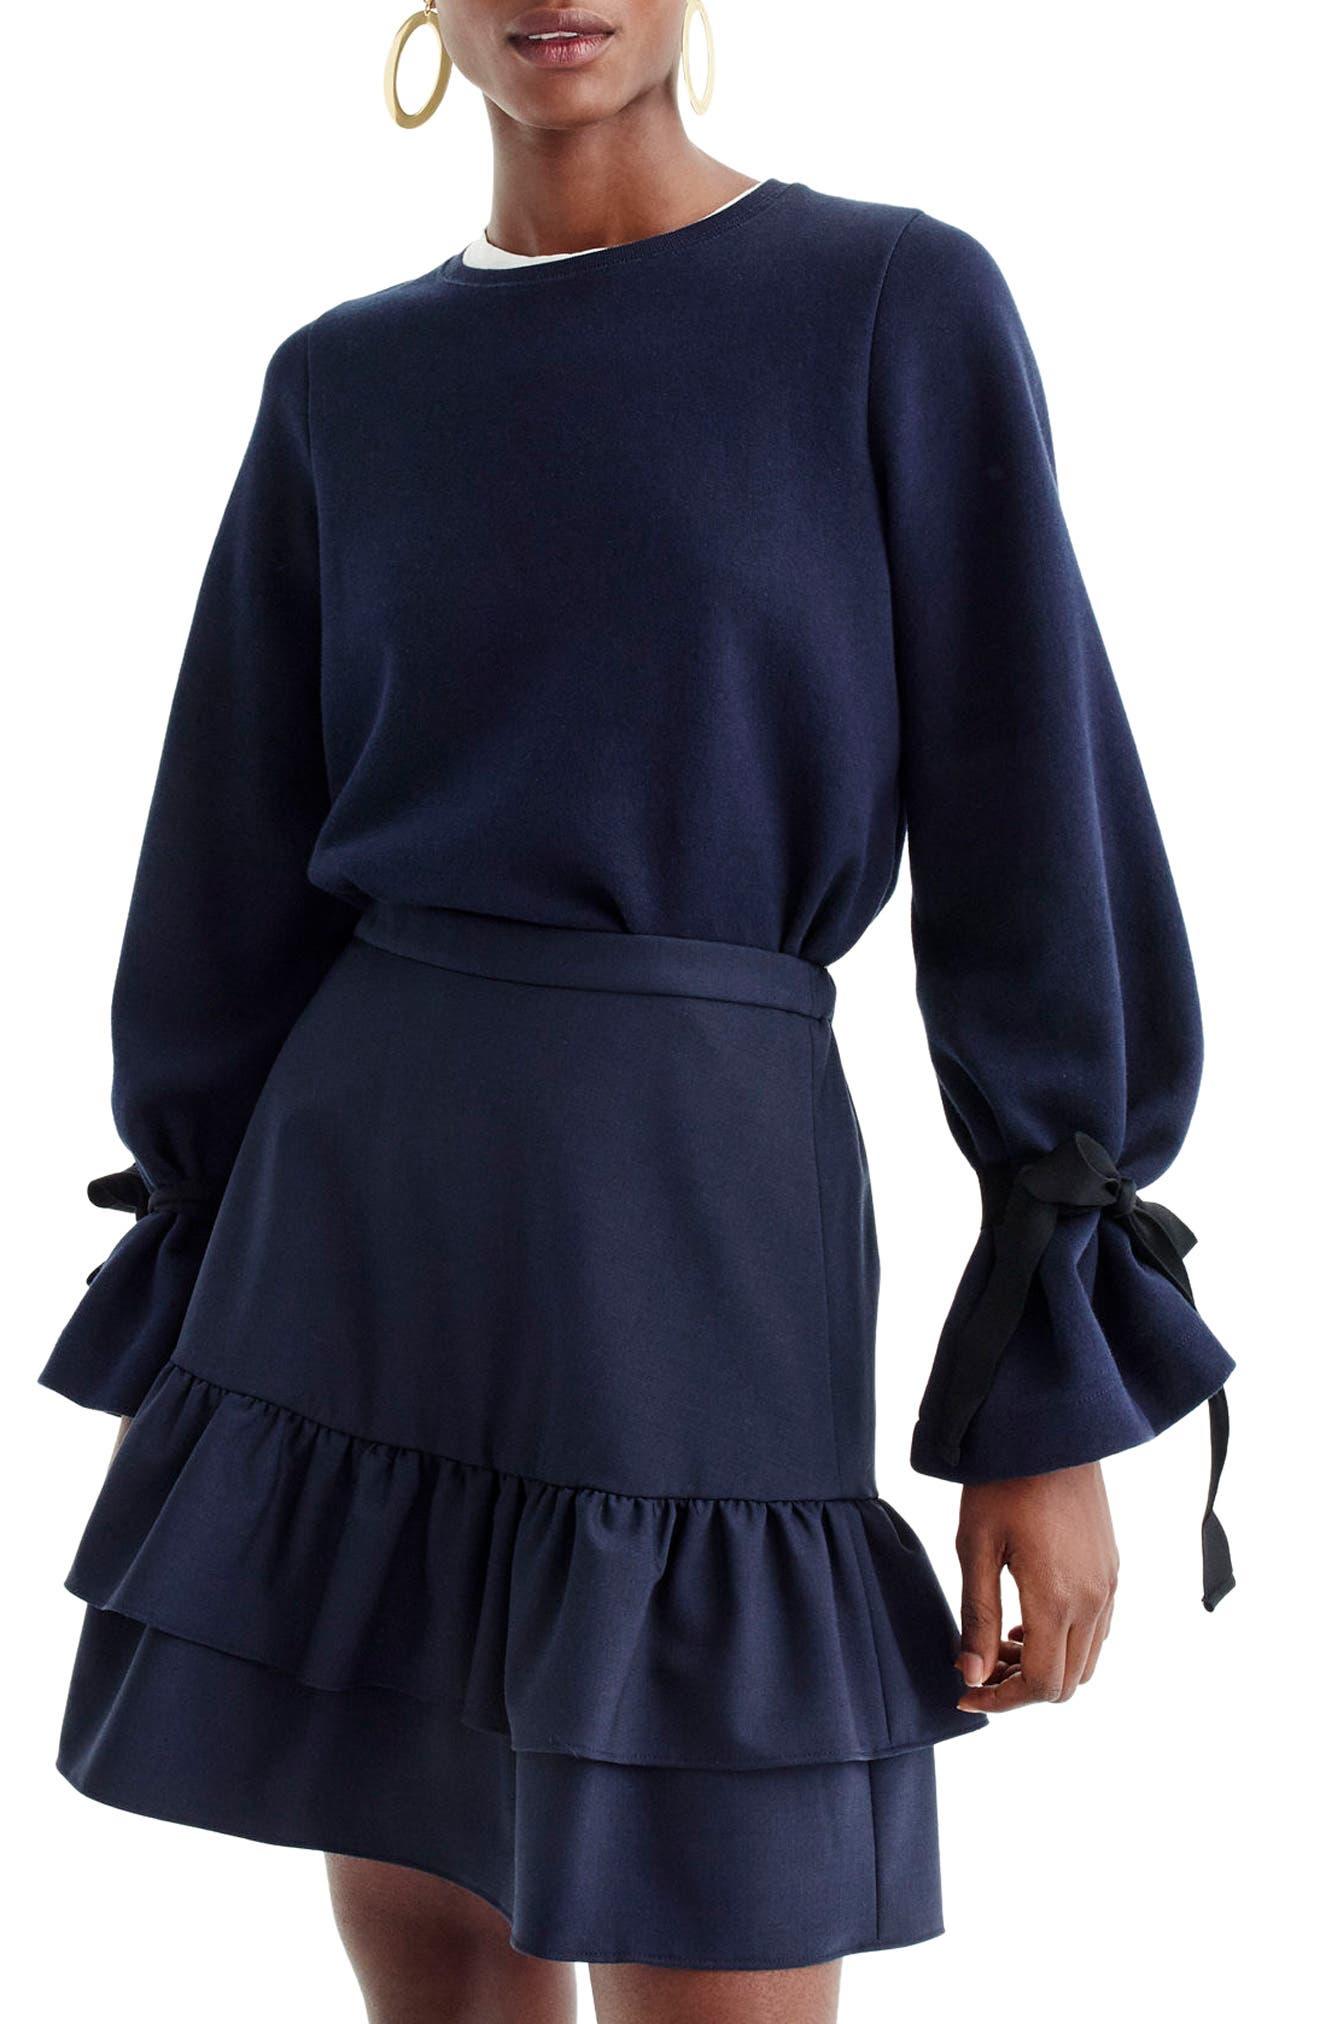 Alternate Image 1 Selected - J.Crew Tie Sleeve Sweatshirt